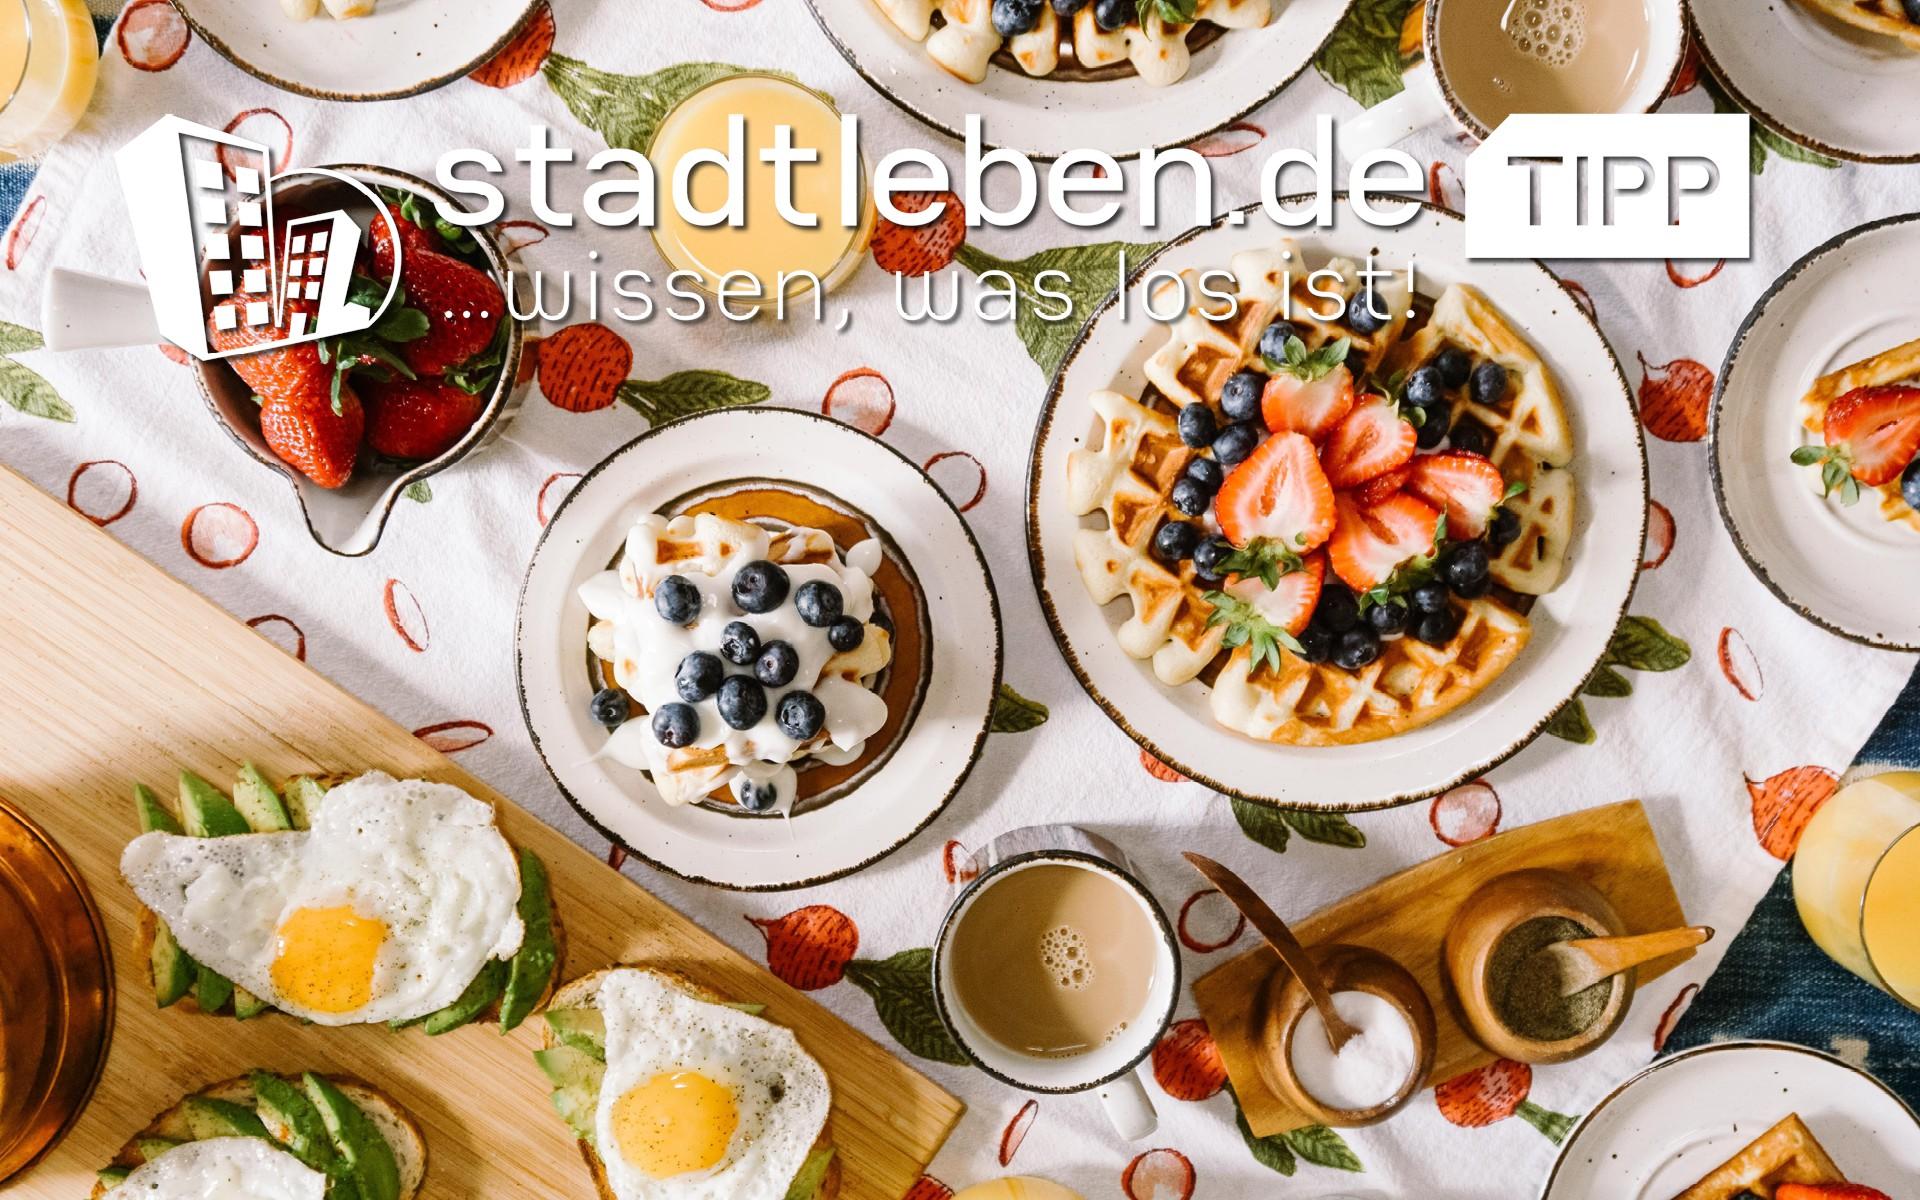 Marmeladenbrötchen, Kirschen, Orangen, Melone, Heidelbeeren, Croissants, Brotkorb, Orangensaft, Brötchen